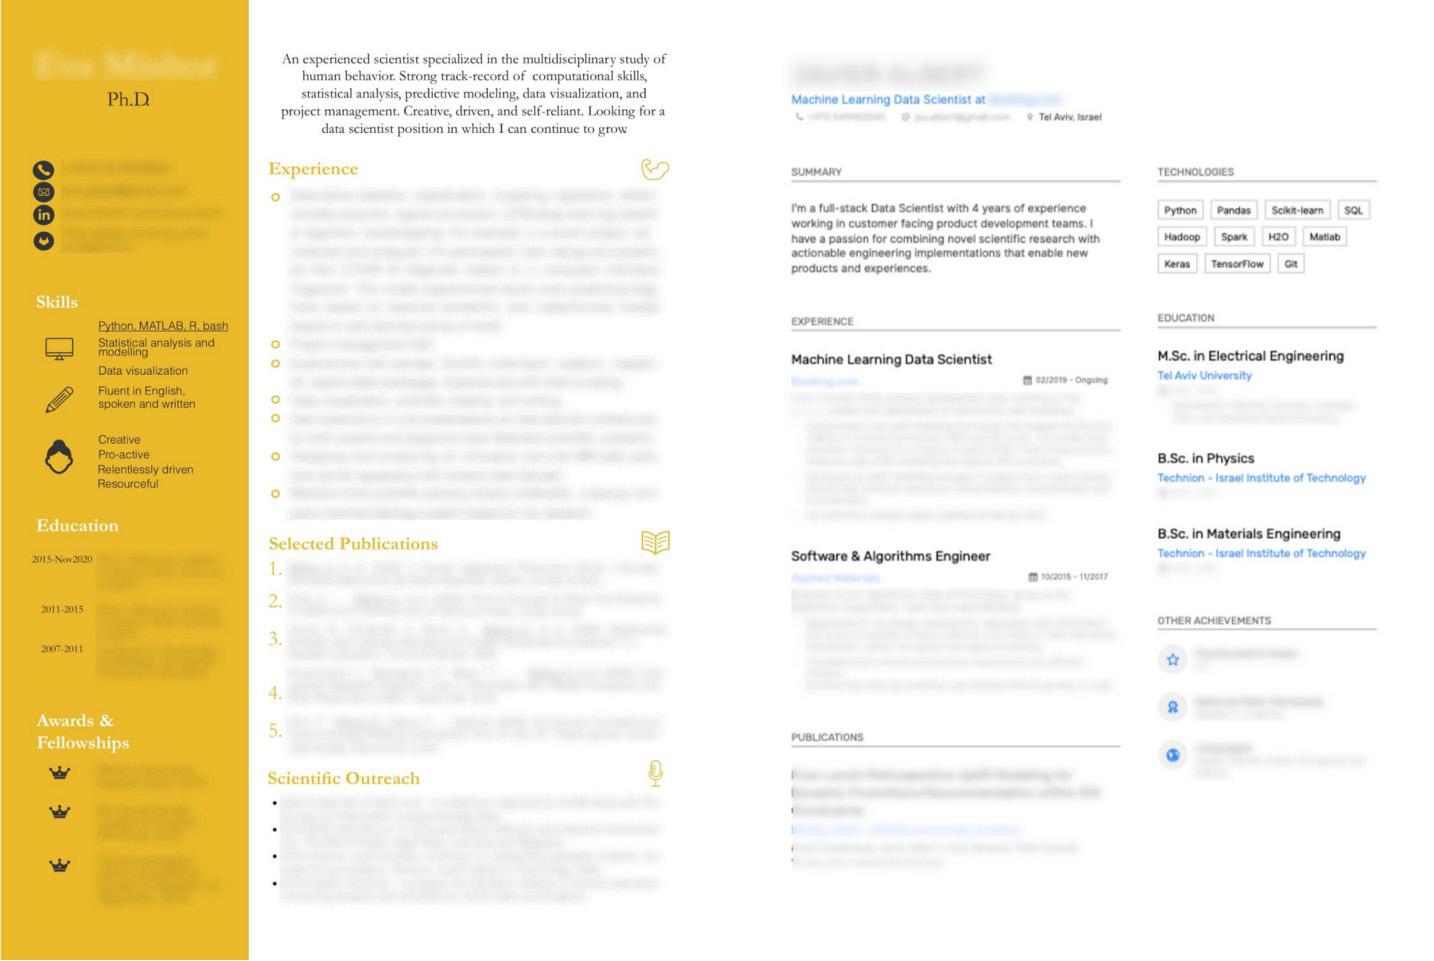 Складаємо резюме дата-сайентіста: сім пунктів, які обов'язково привернуть увагу - porady, news, career